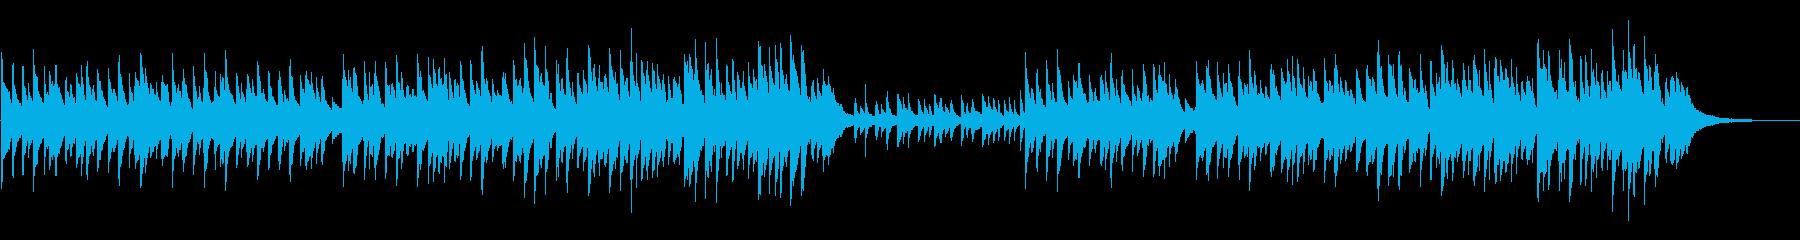 幻想的で不思議な切ないピアノソロ2の再生済みの波形